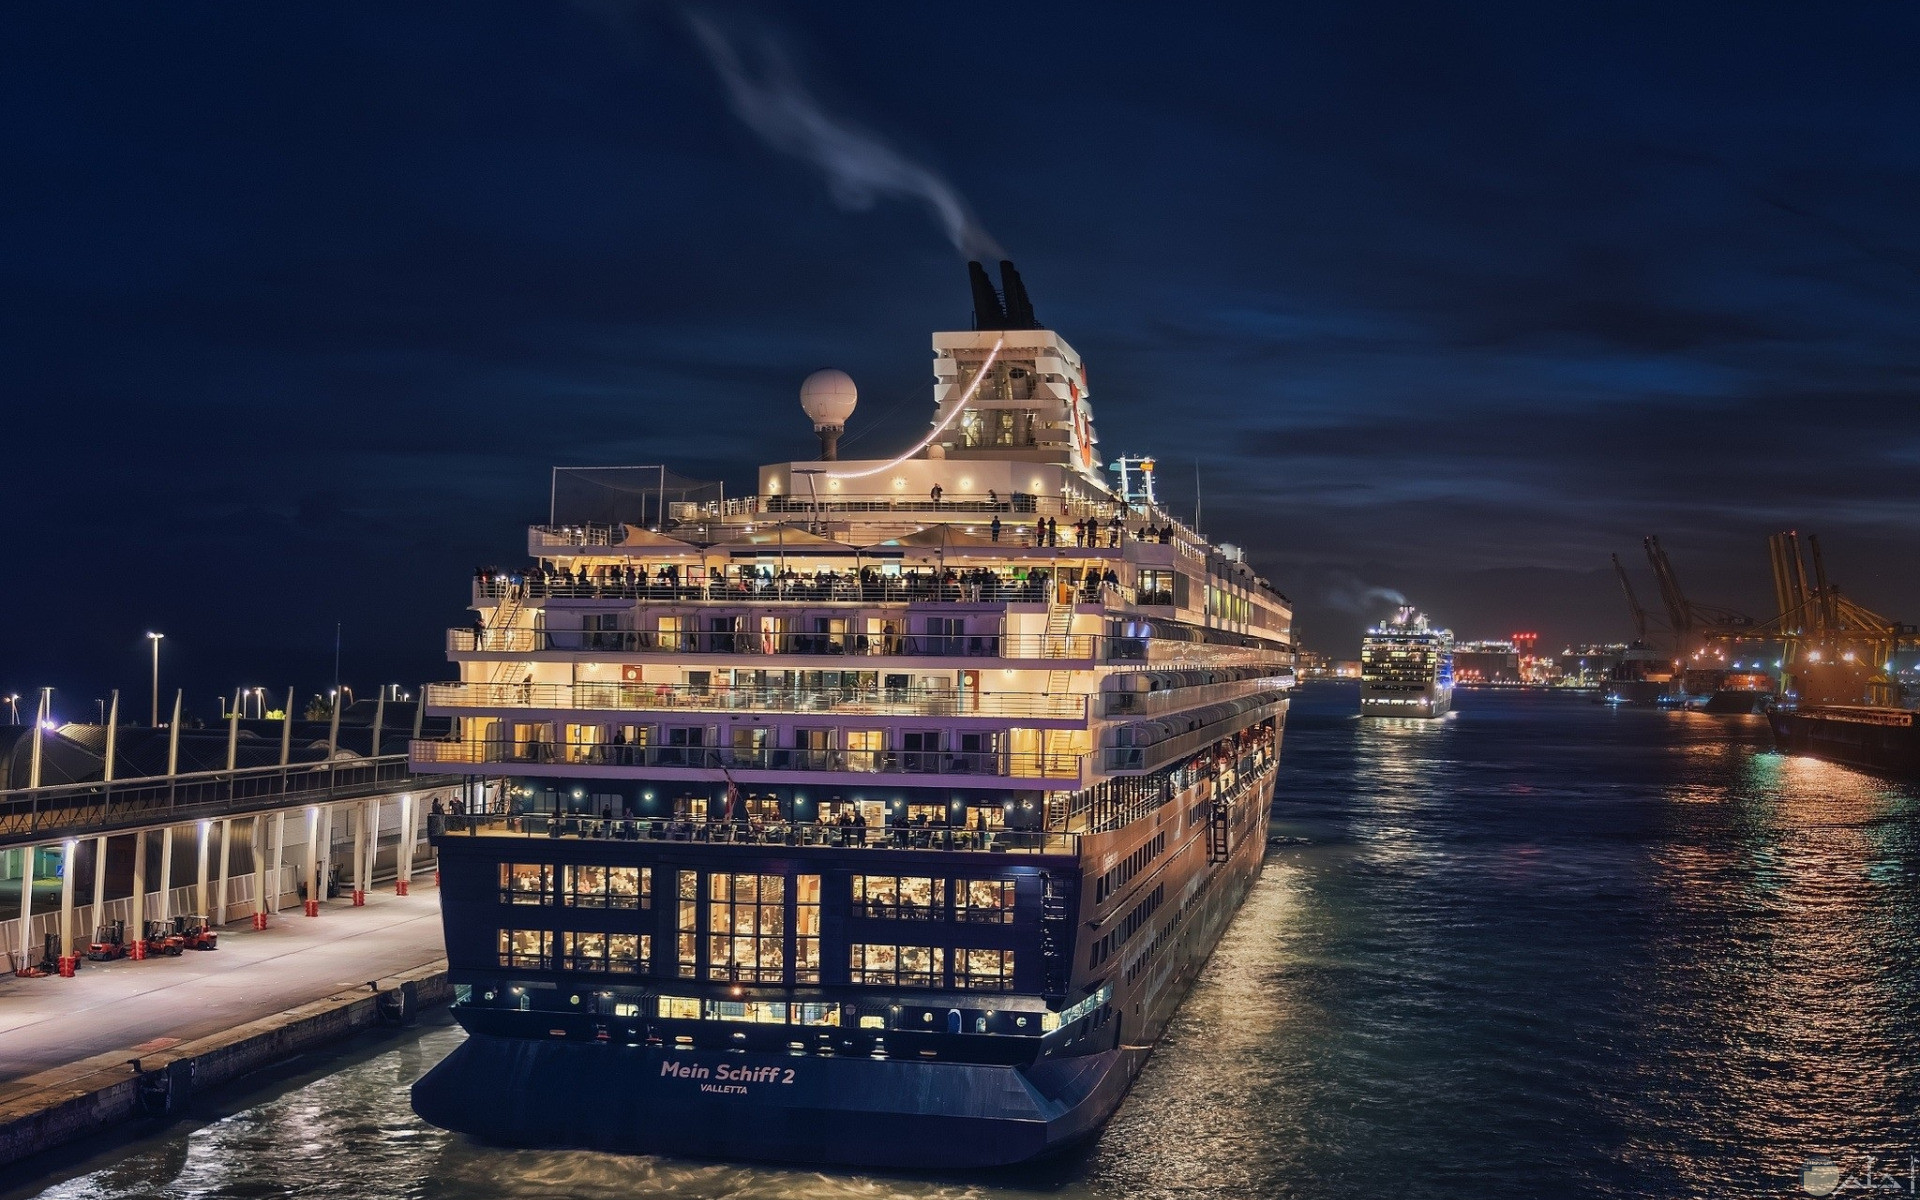 صورة سفينة وسط المياة ليلاً و أنوارها.